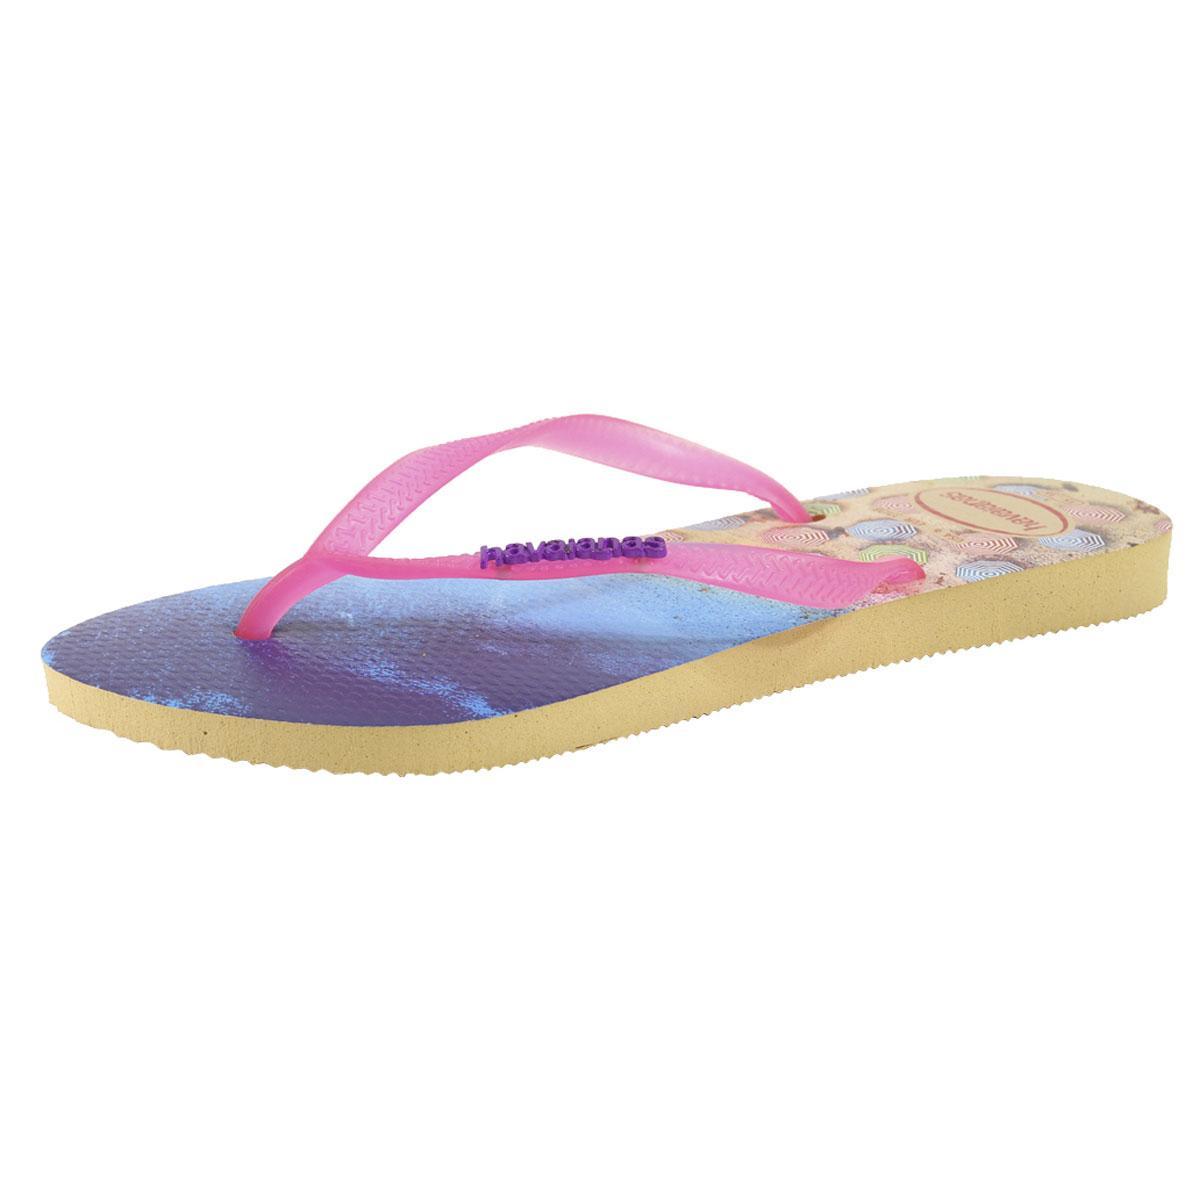 Image of Havainas Women's Slim Paisage Flip Flops Sandals Shoes - Ivory - 7 8 B(M) US